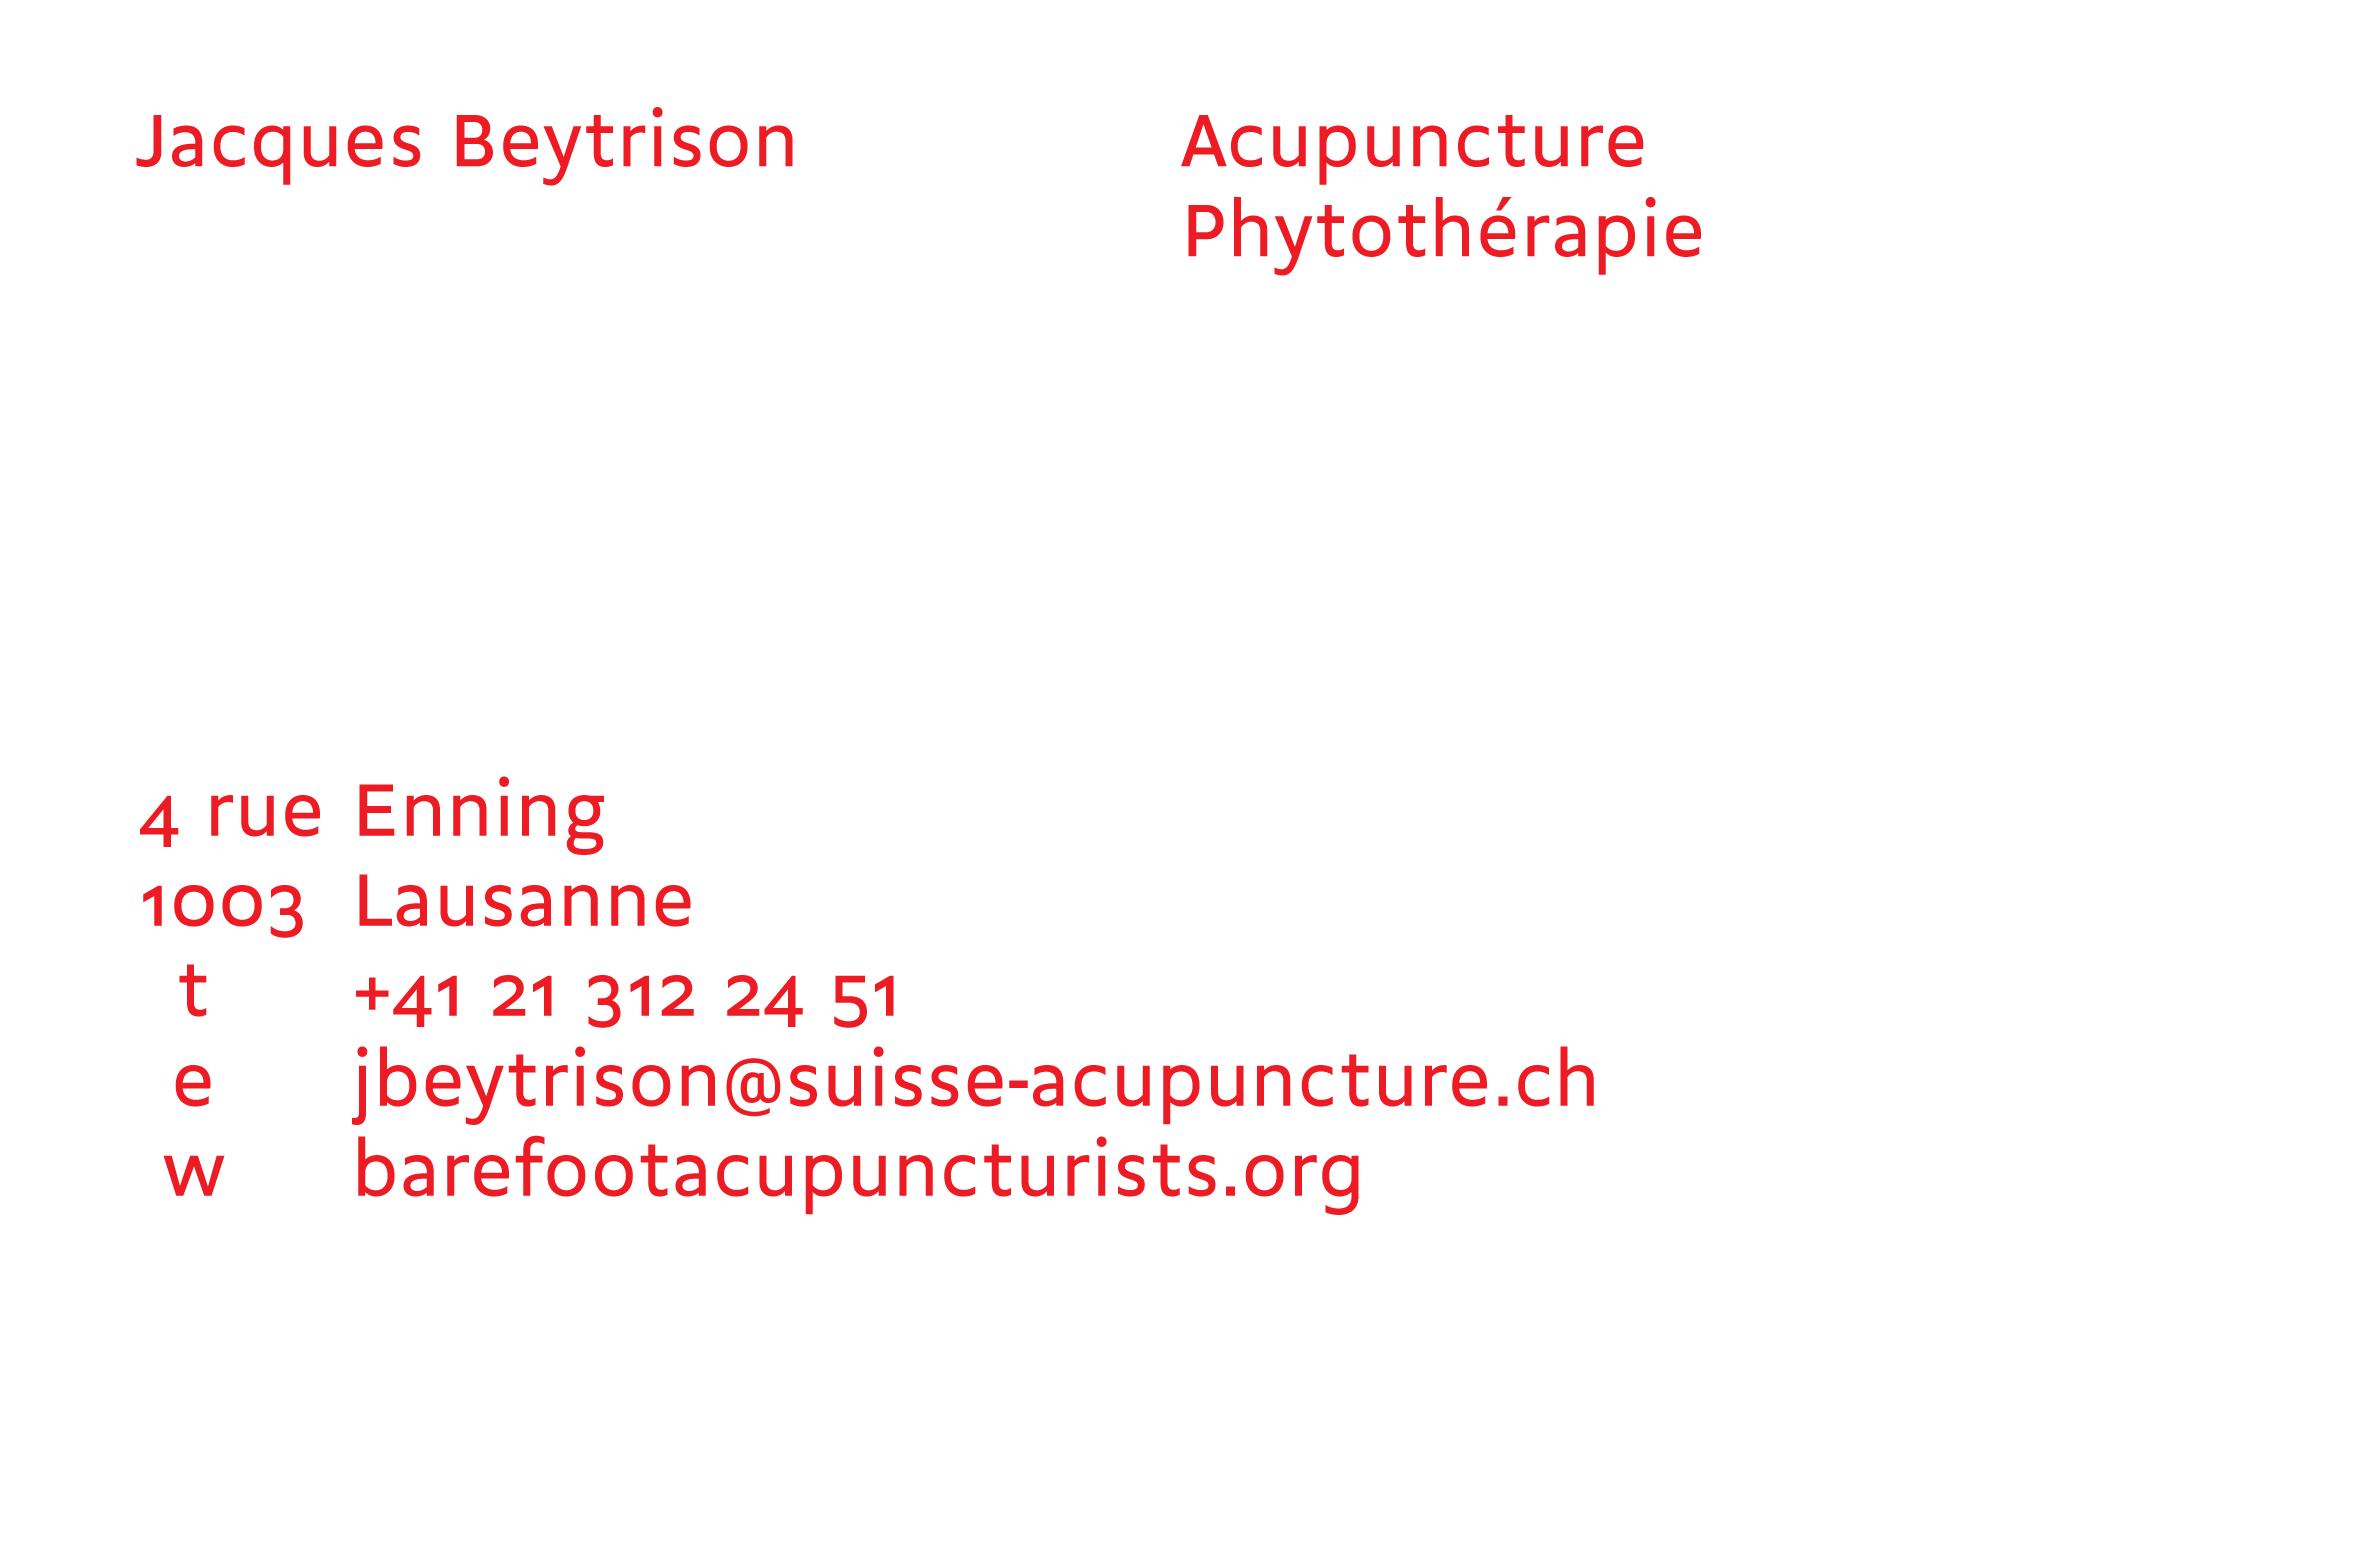 Carte de visite pour l'acupuncteur Jacques Beytrison, le verso permet d'indiquer les rendez-vous sans les écrire